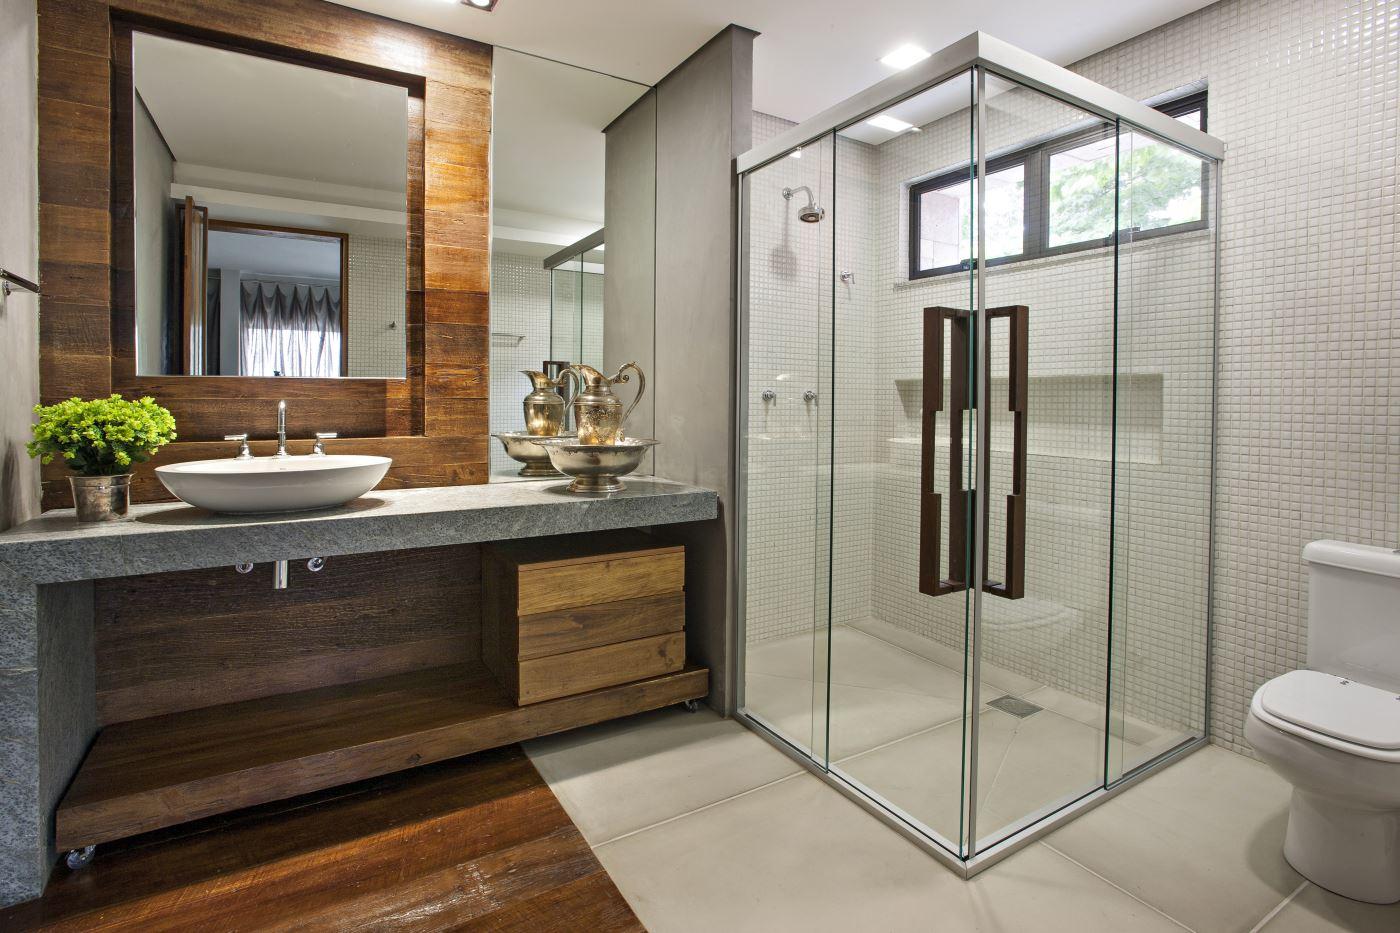 Banheiro r stico 55 ideias com fotos e projetos for Casa de muebles usados en montevideo